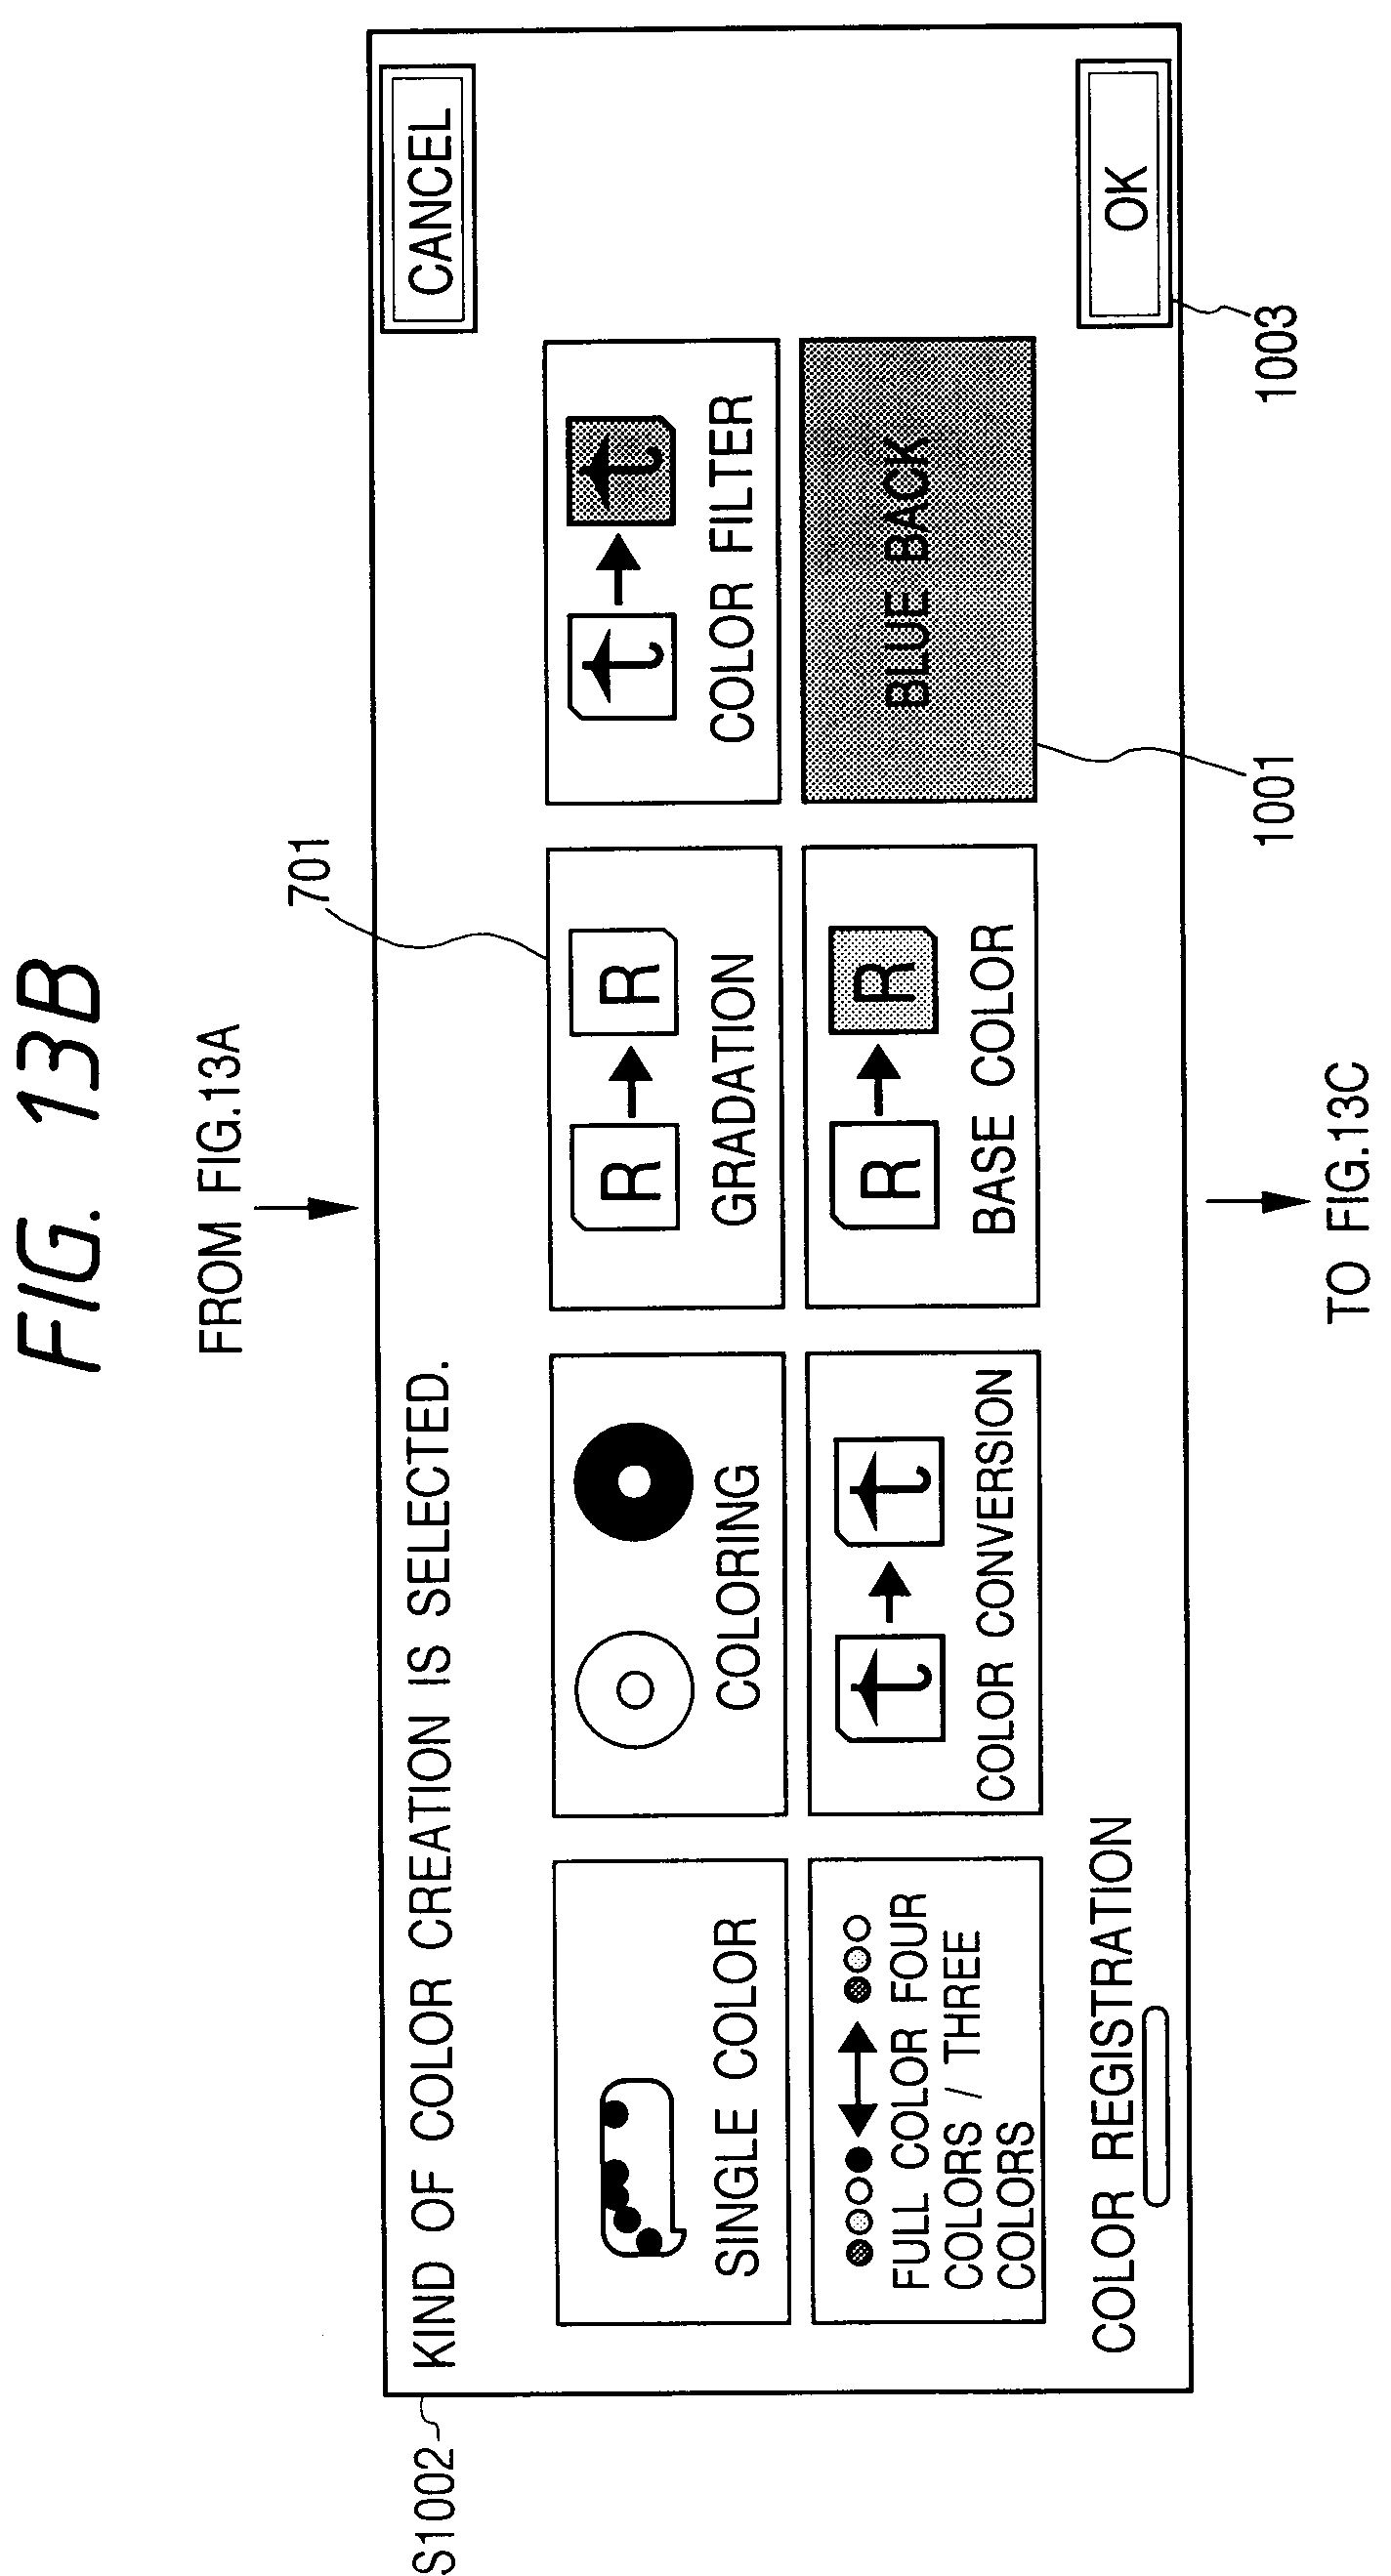 专利ep0666546a1 - image